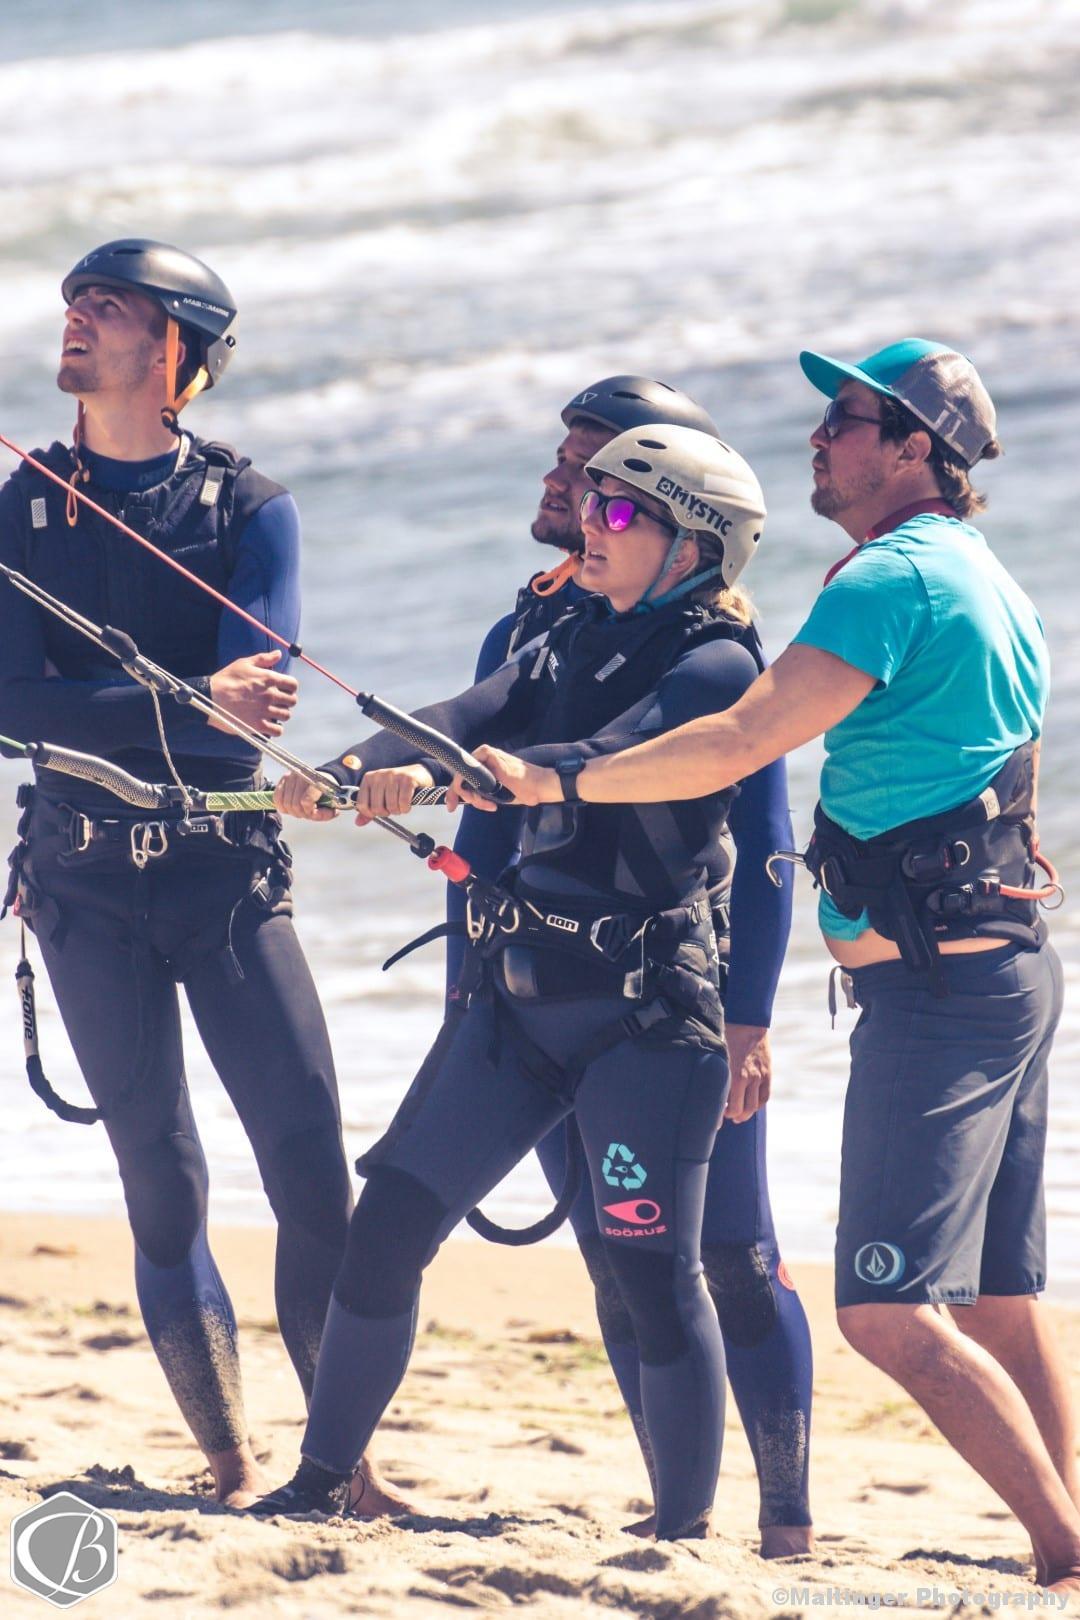 Portugal Moledo Fitnessreise Kiten Meer Sonne